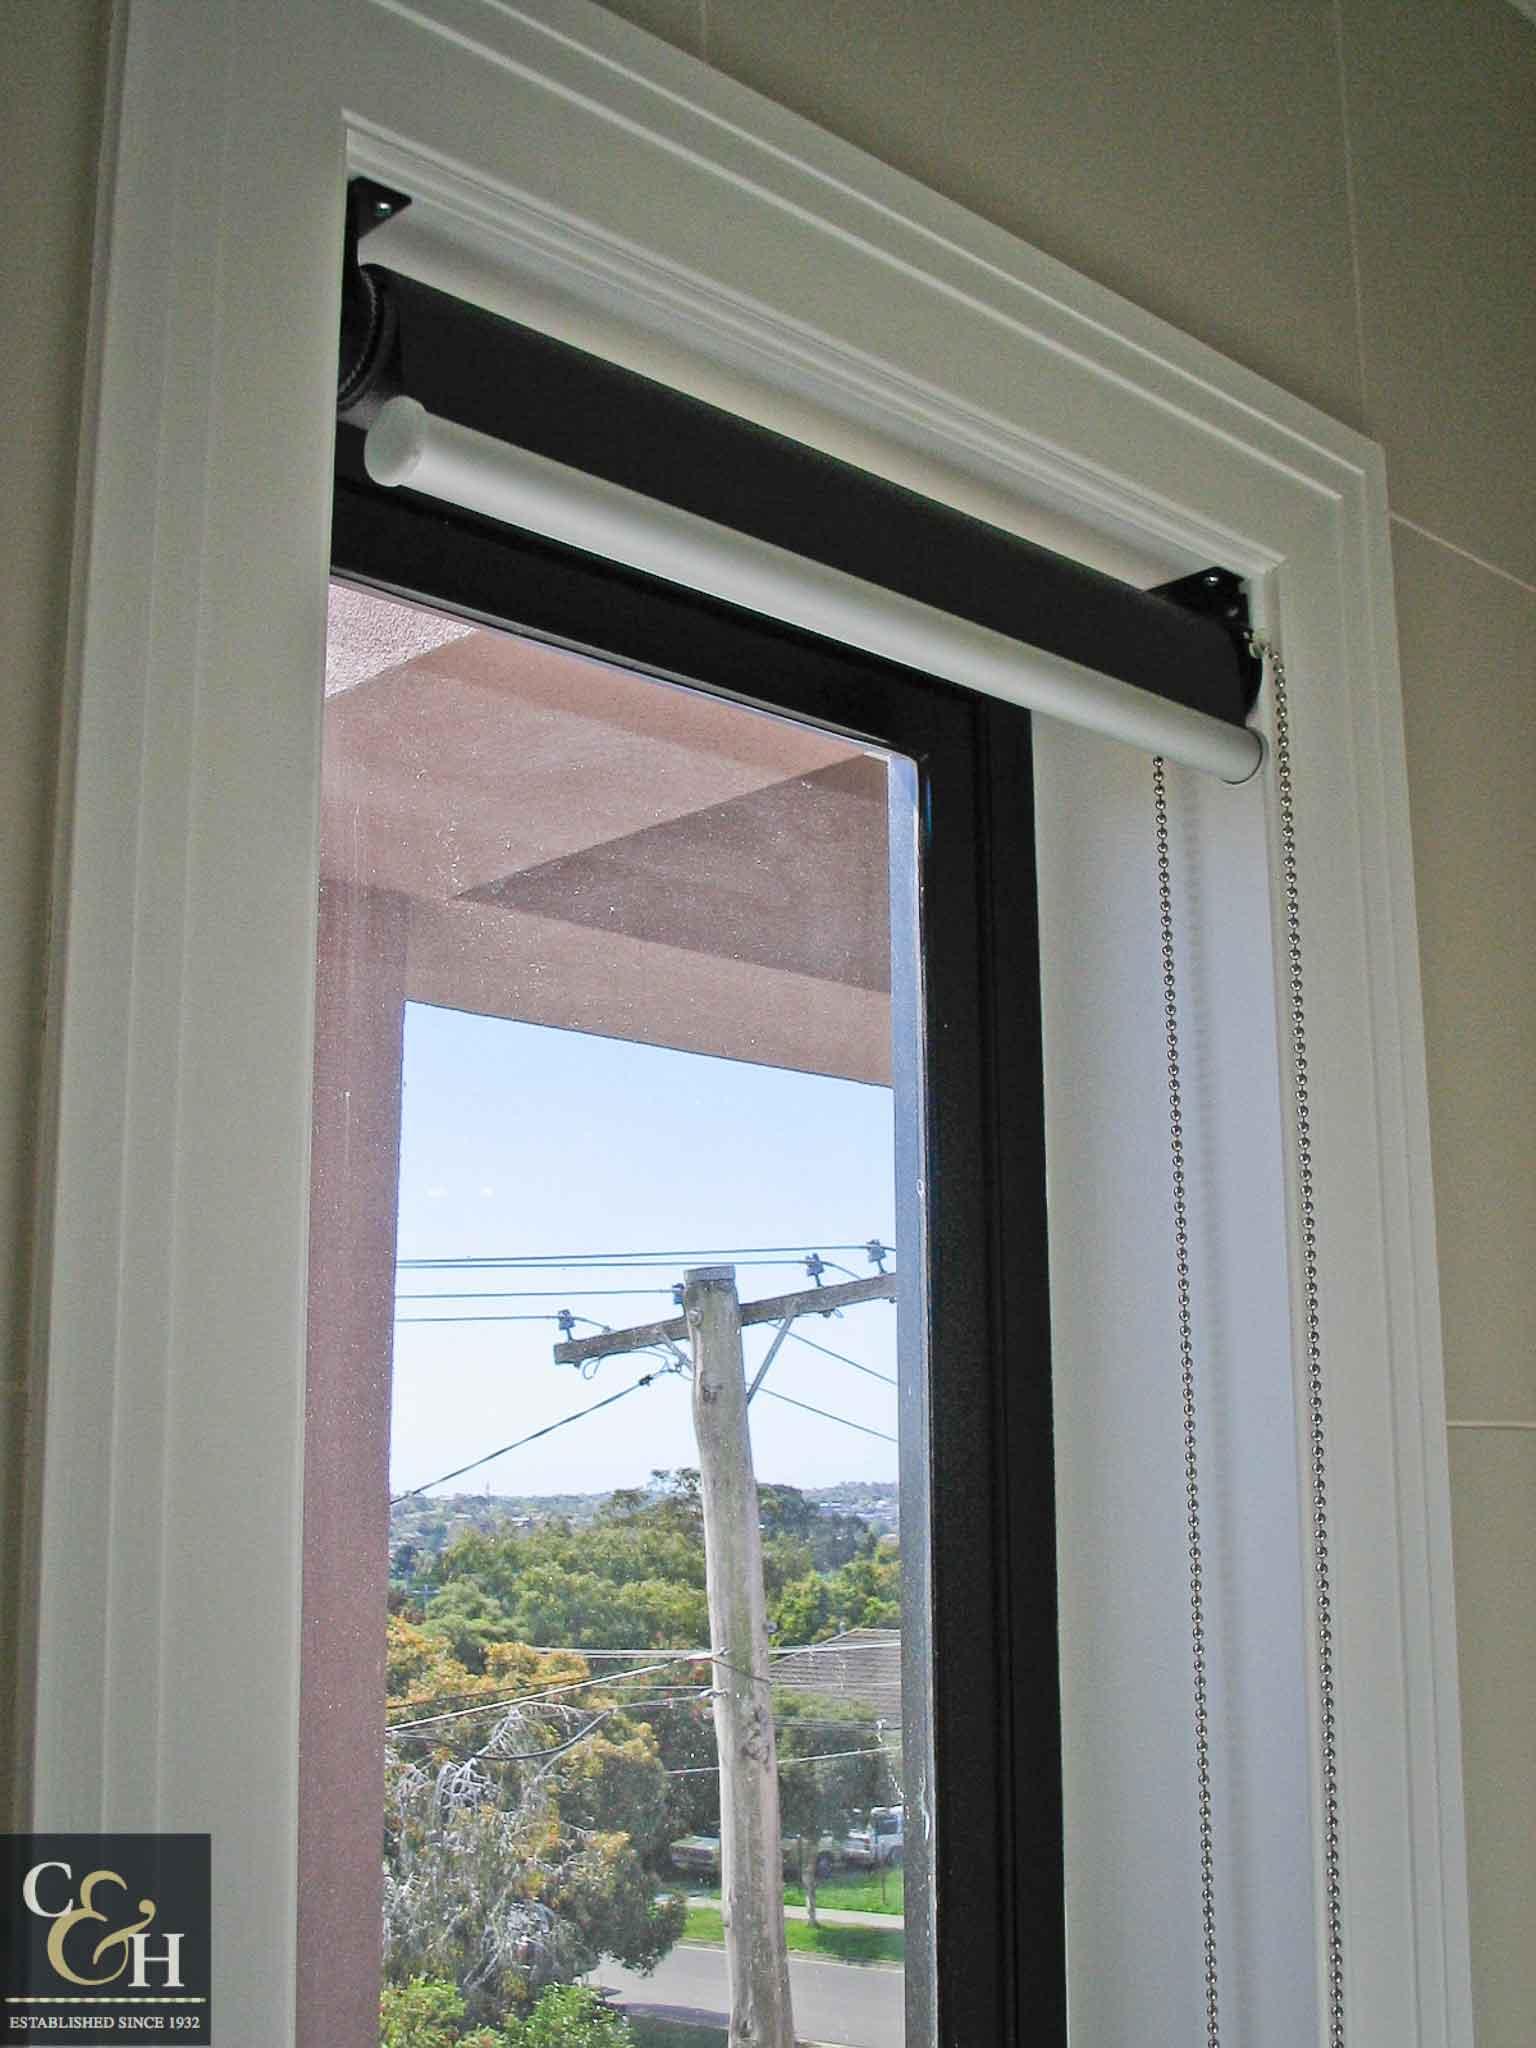 Screen-Roller-Blinds-15 inside a house